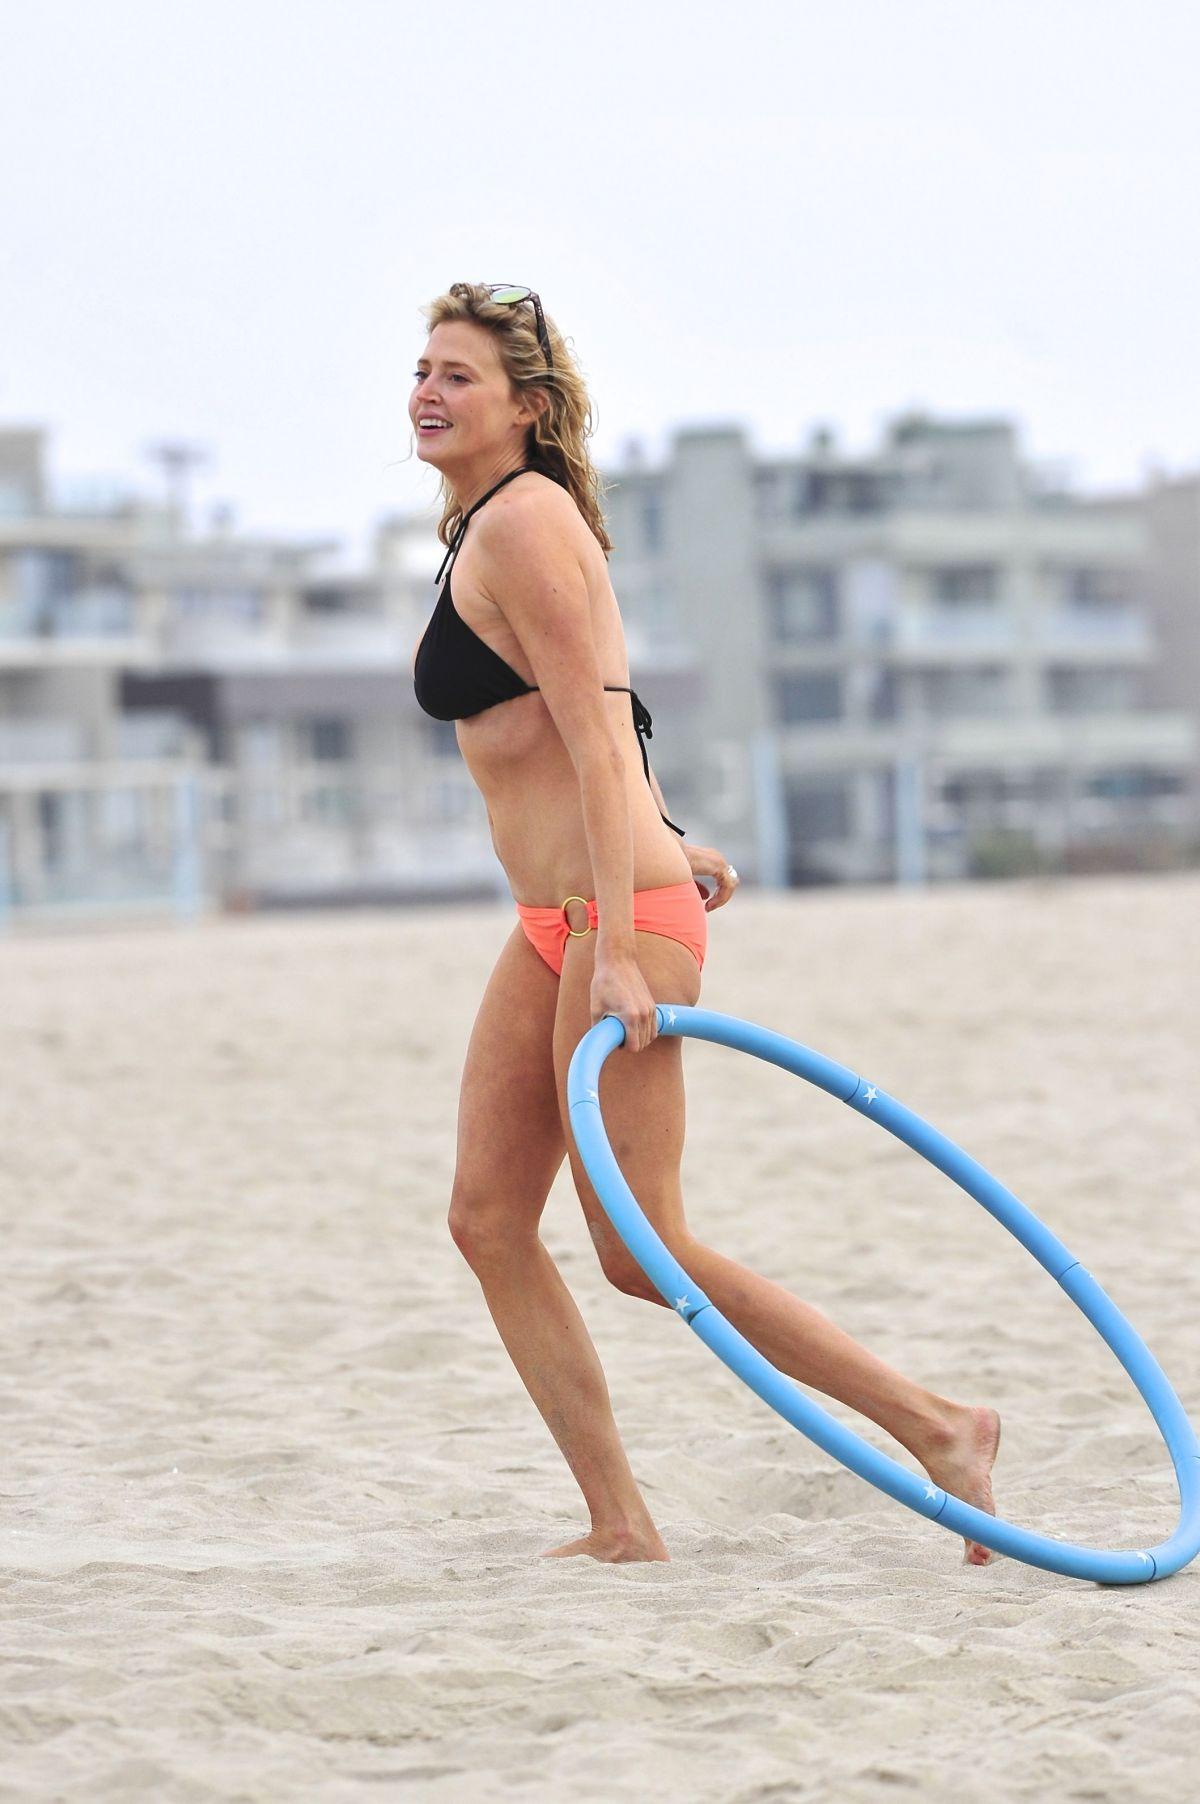 ESTELLA WARREN in Bikini at Venice Beach - HawtCelebs